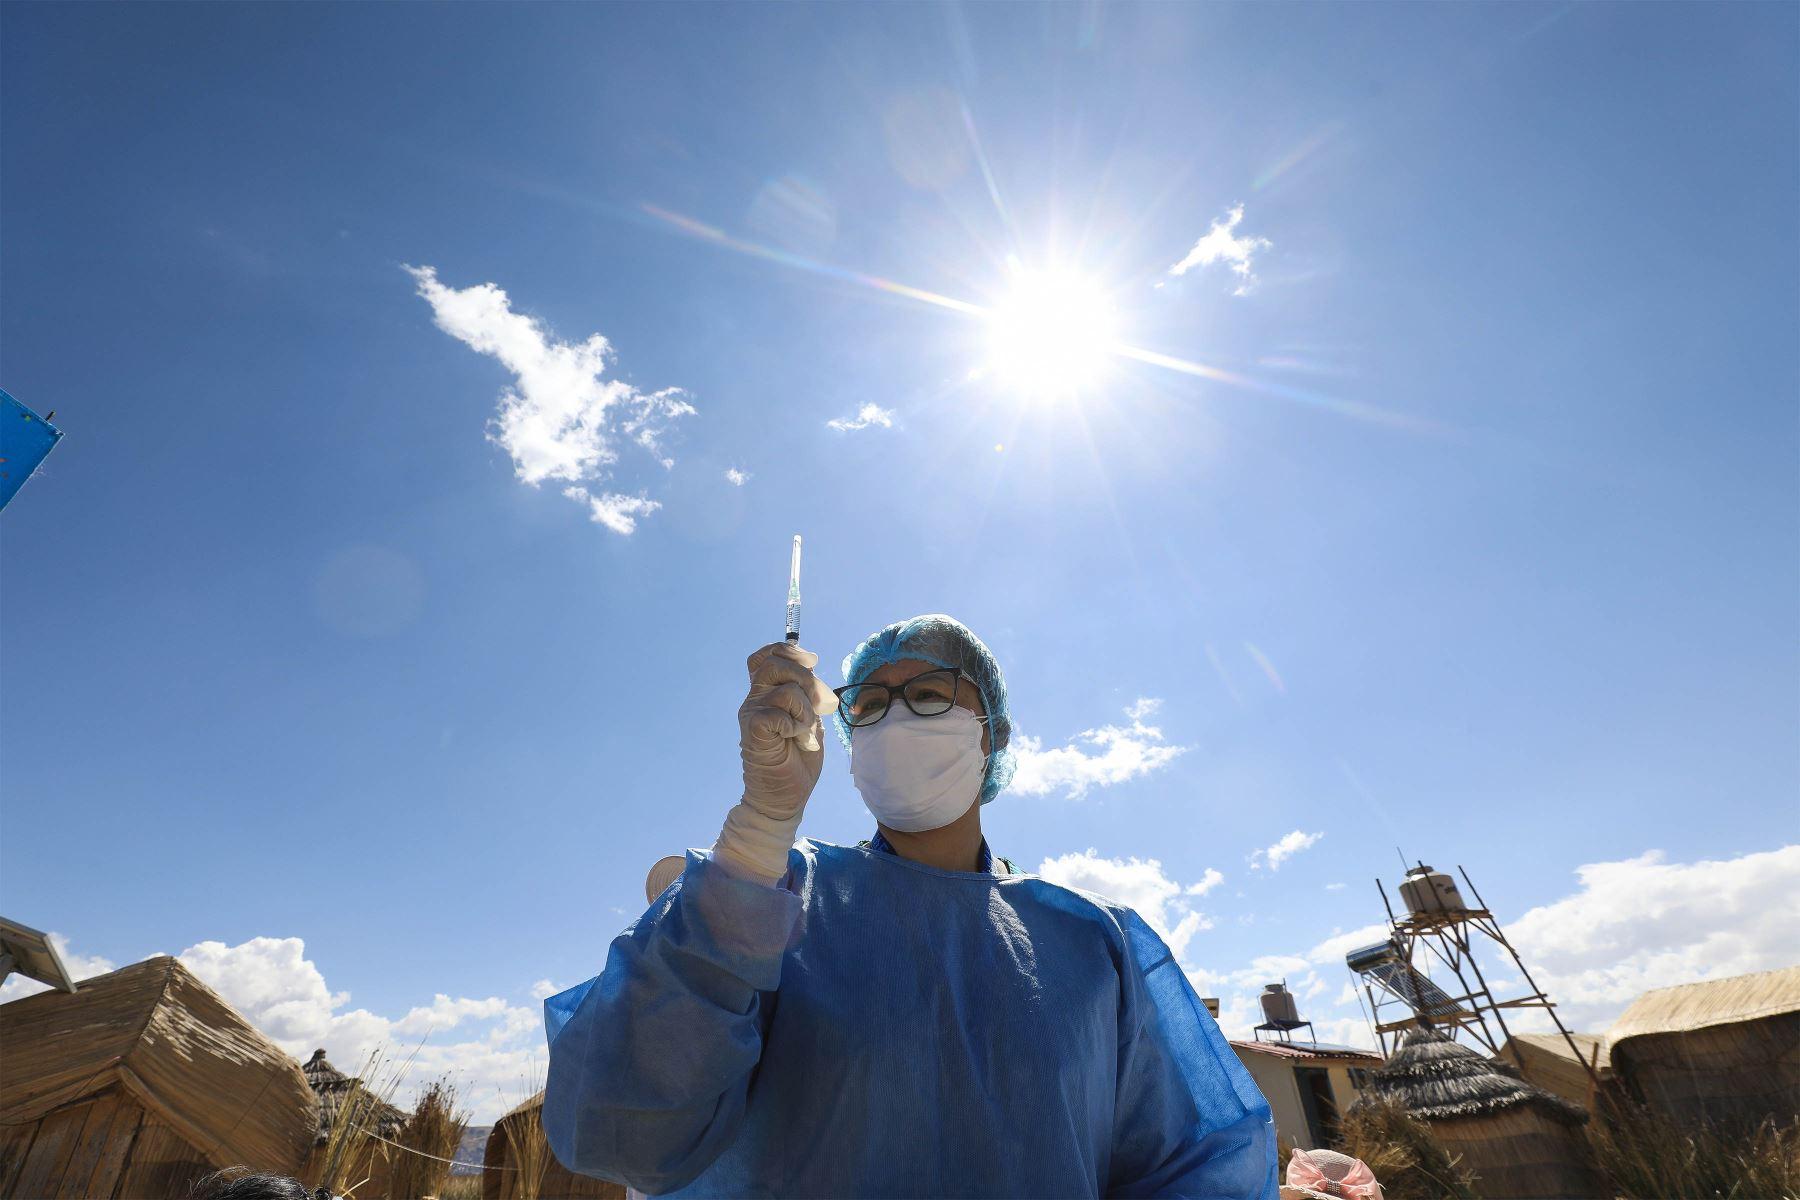 Una brigada sanitaria del Seguro Social de Salud llega hasta las islas flotantes Los Uros, ubicadas en el lago Titicaca, para vacunar contra la covid-19 a la población de esta comunidad, situada a casi 4 mil metros sobre el nivel del mar.  Foto: EsSalud